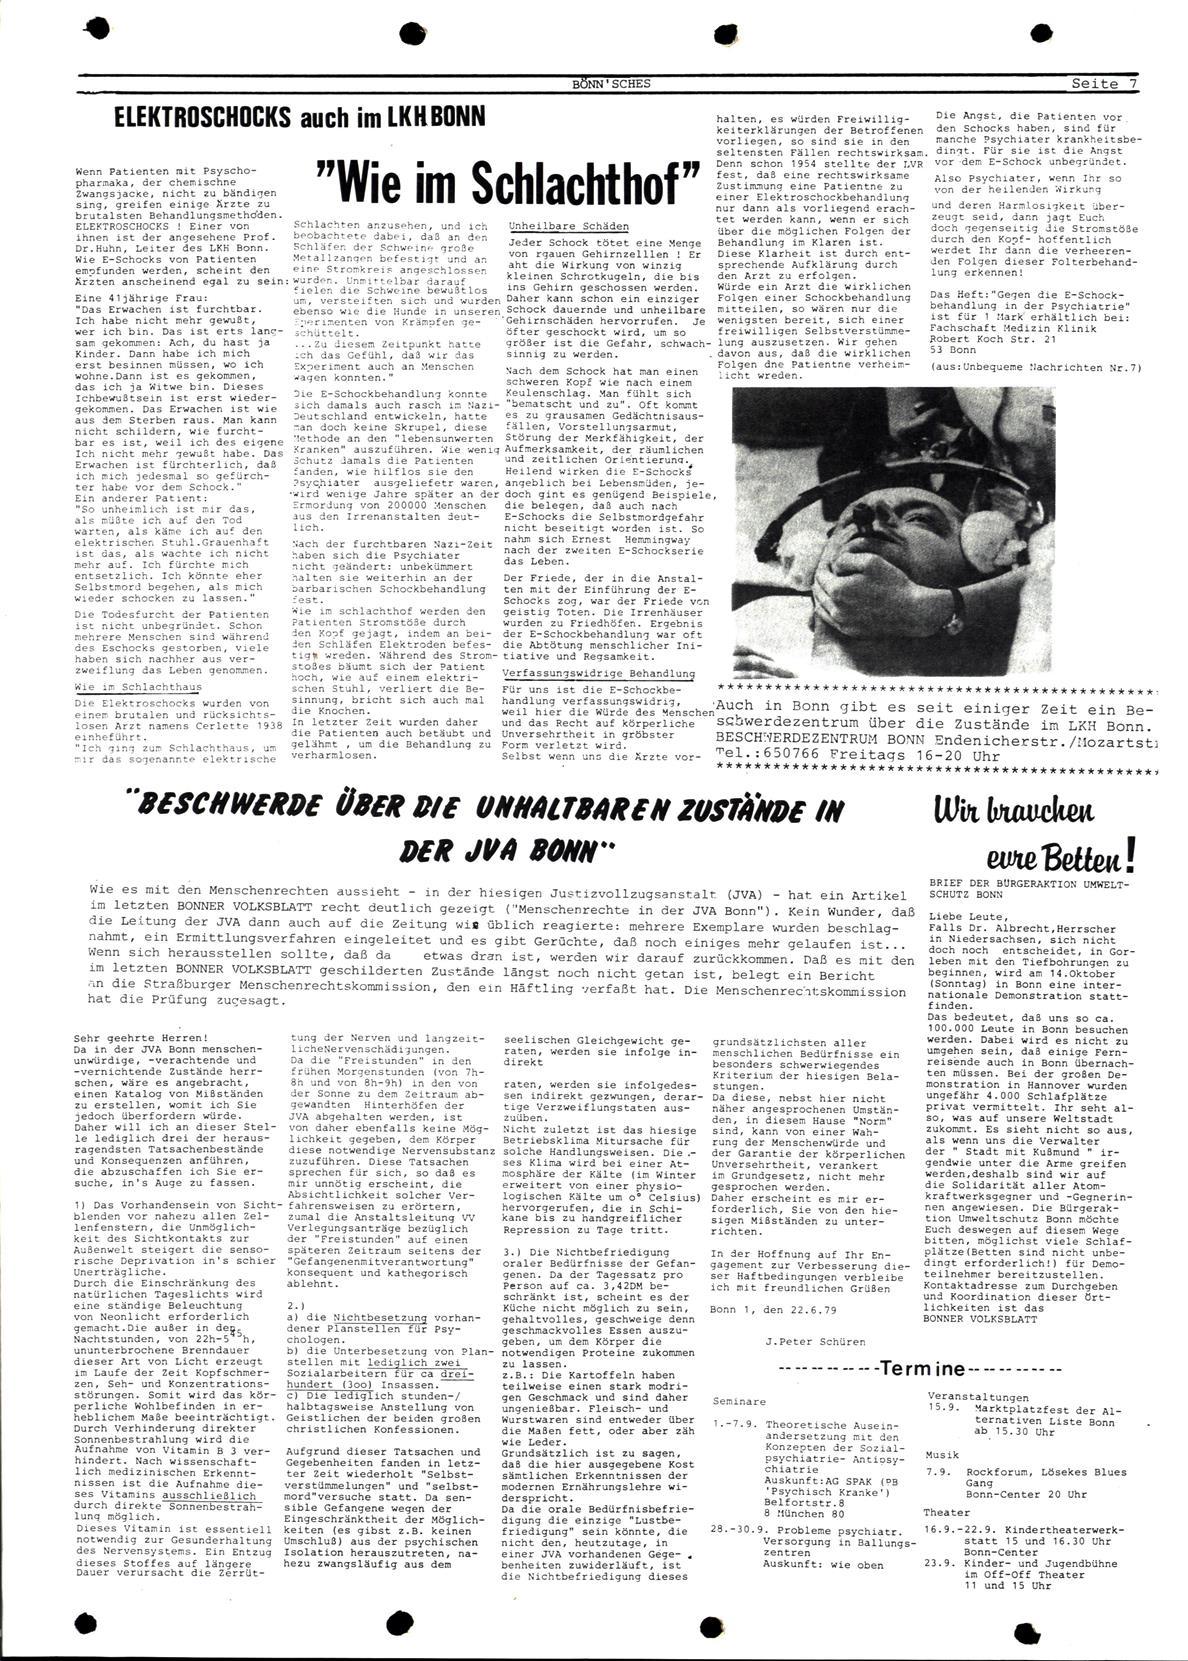 Bonner_Volksblatt_27_19790828_07